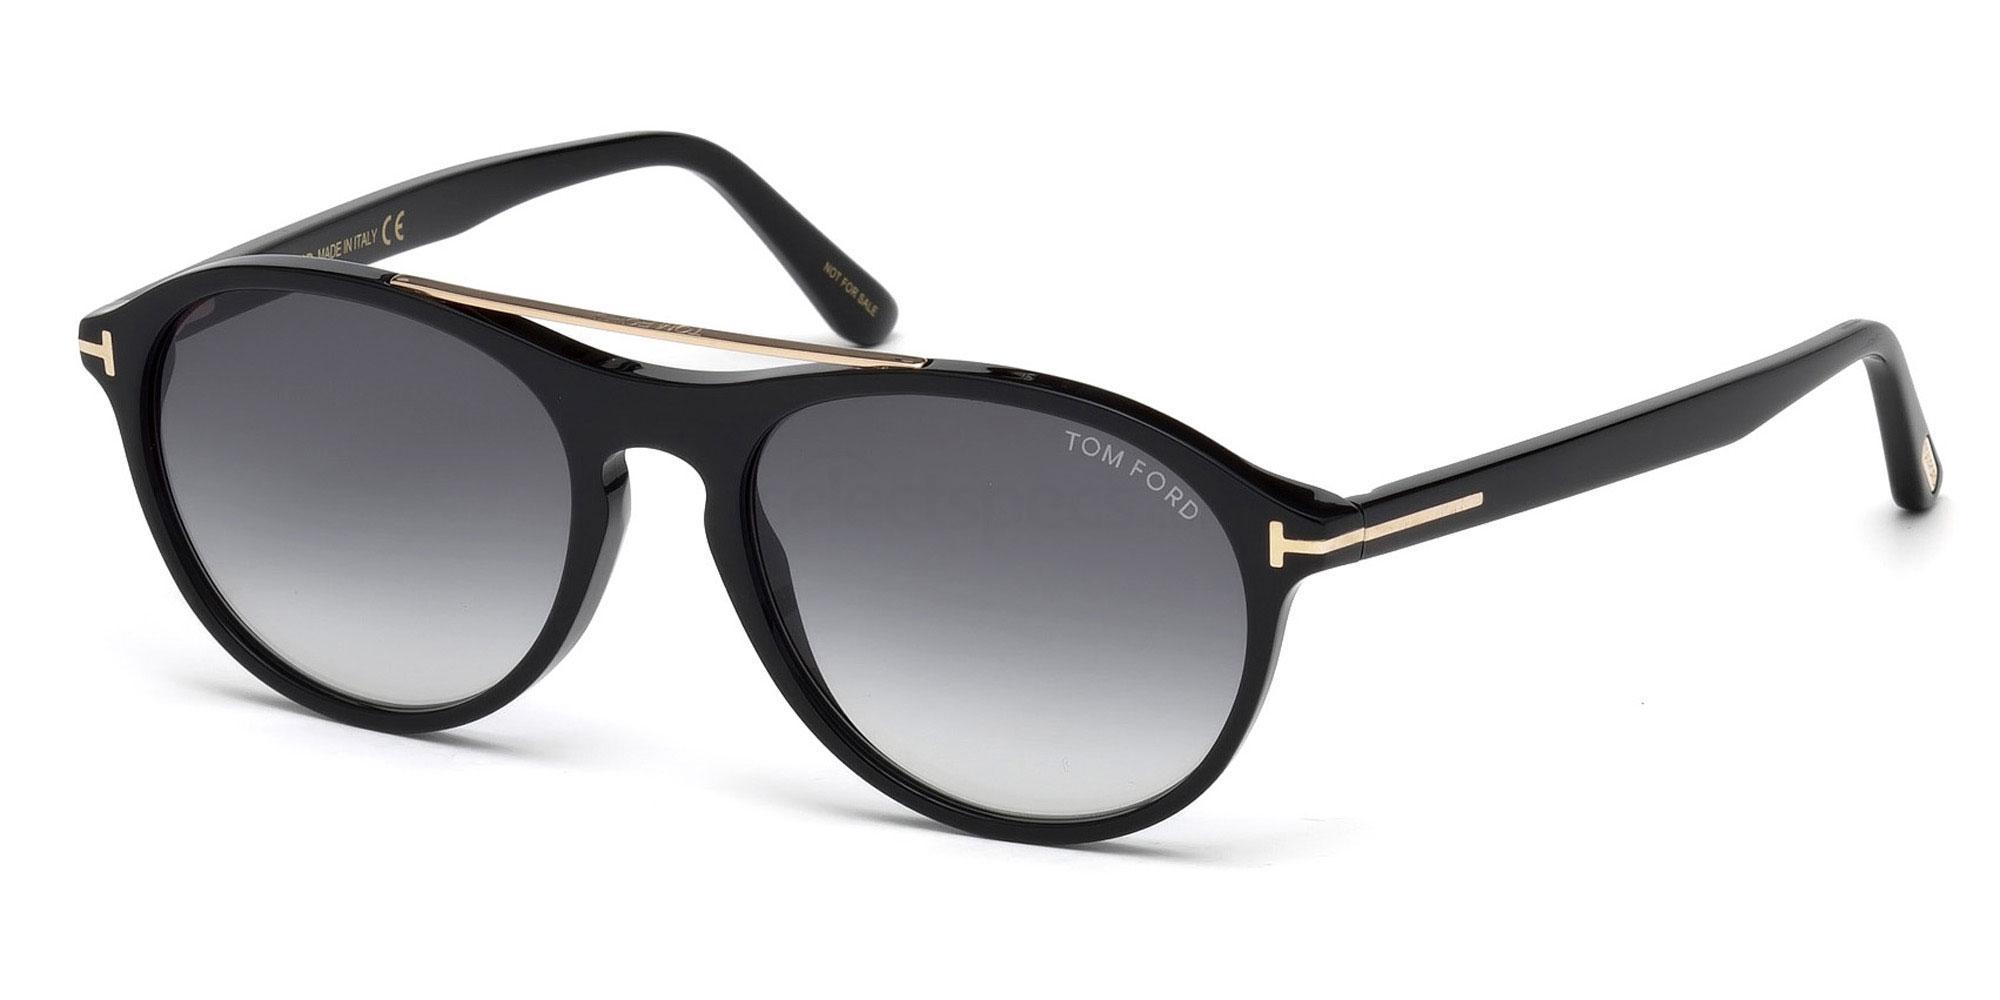 01B FT0556 Sunglasses, Tom Ford